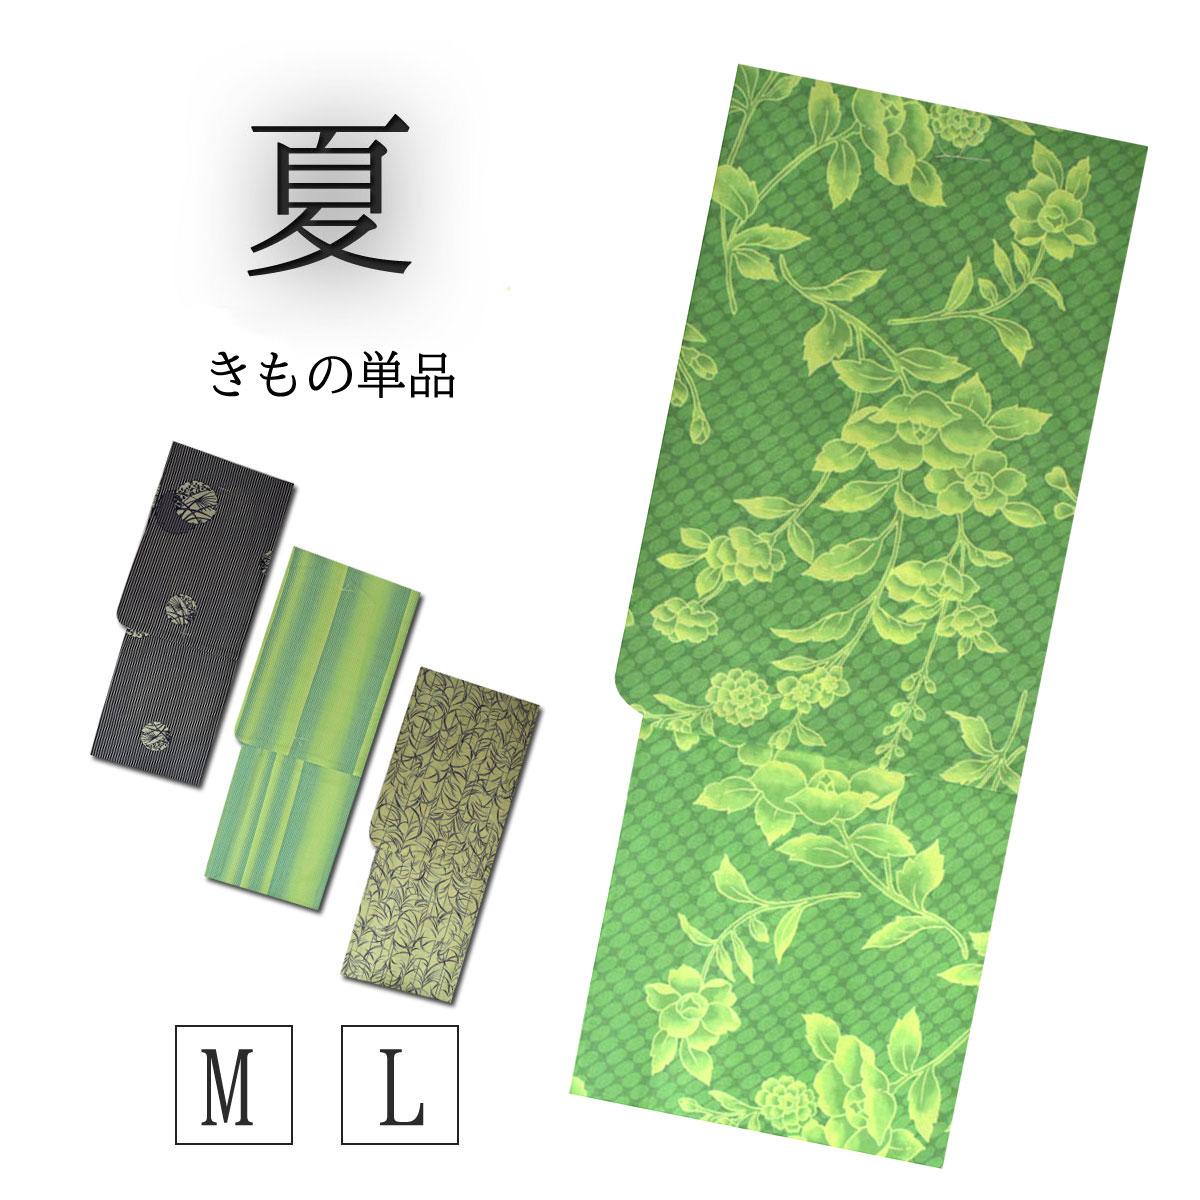 和服, 着物セット  M L c6-41 kimono